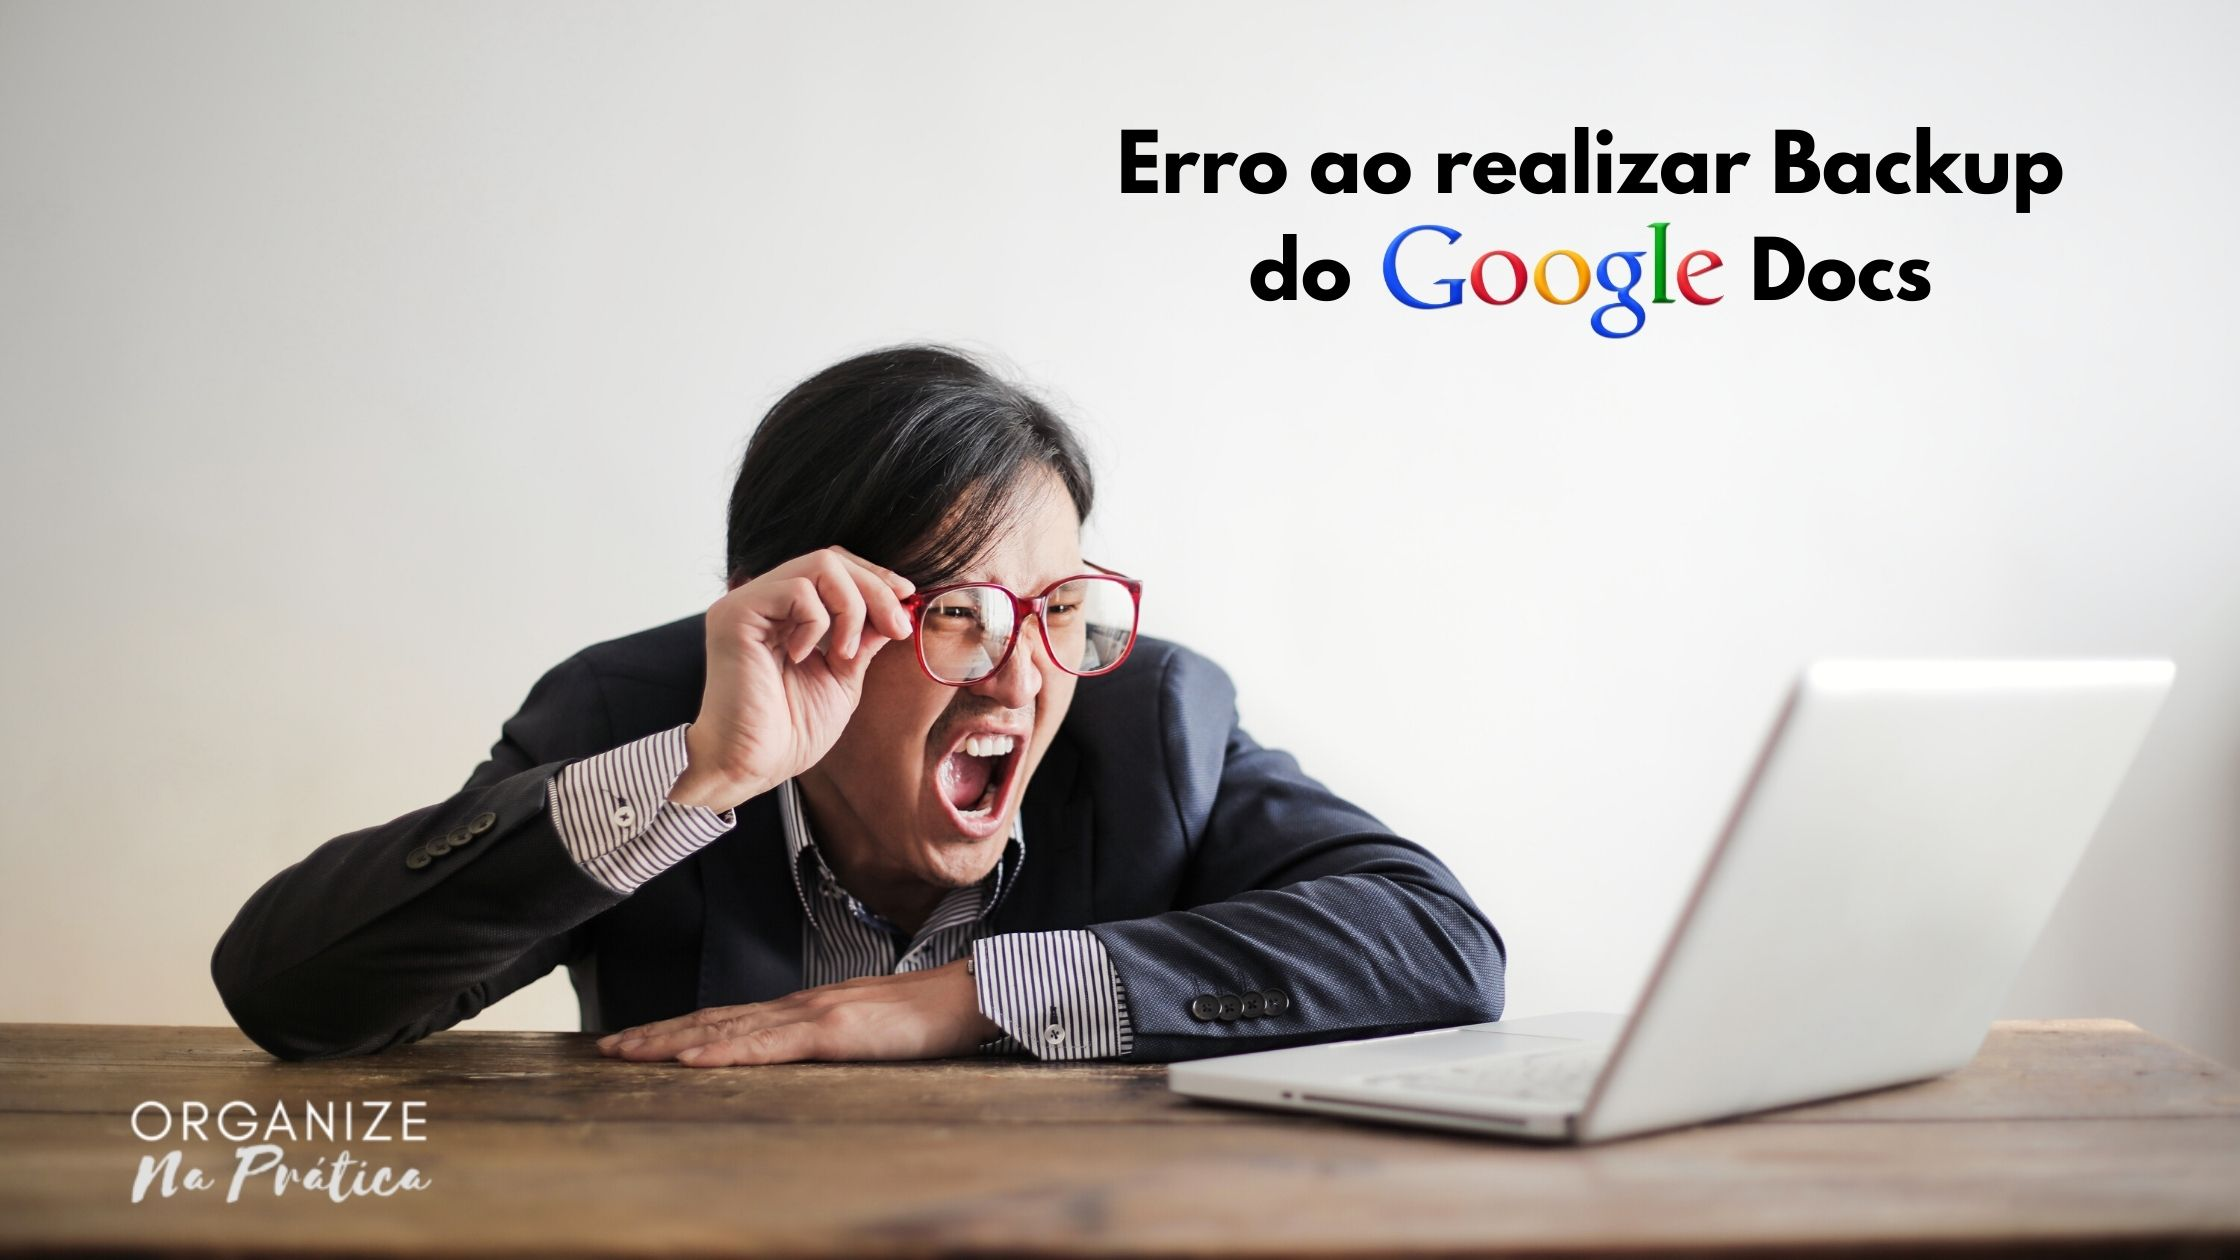 Google Docs: não cometa este erro ao realizar backup